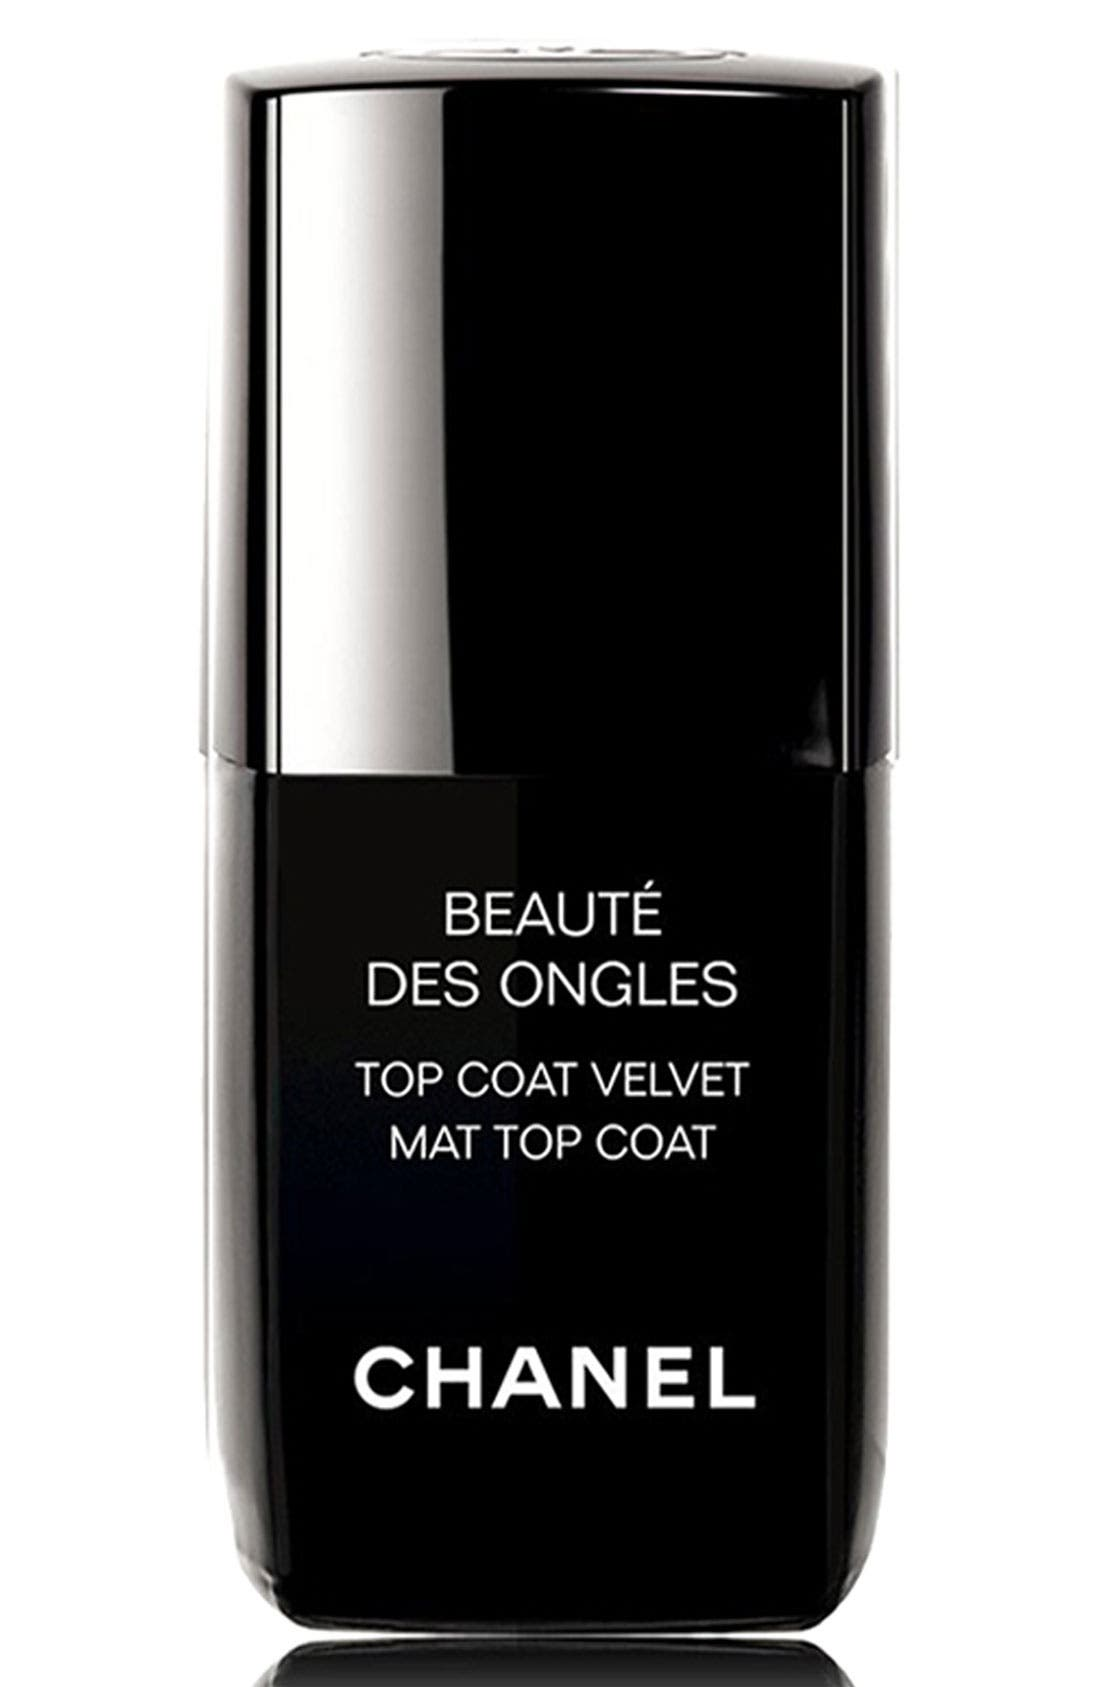 BEAUTE DES ONGLES<br />Top Coat Velvet, Main, color, 000